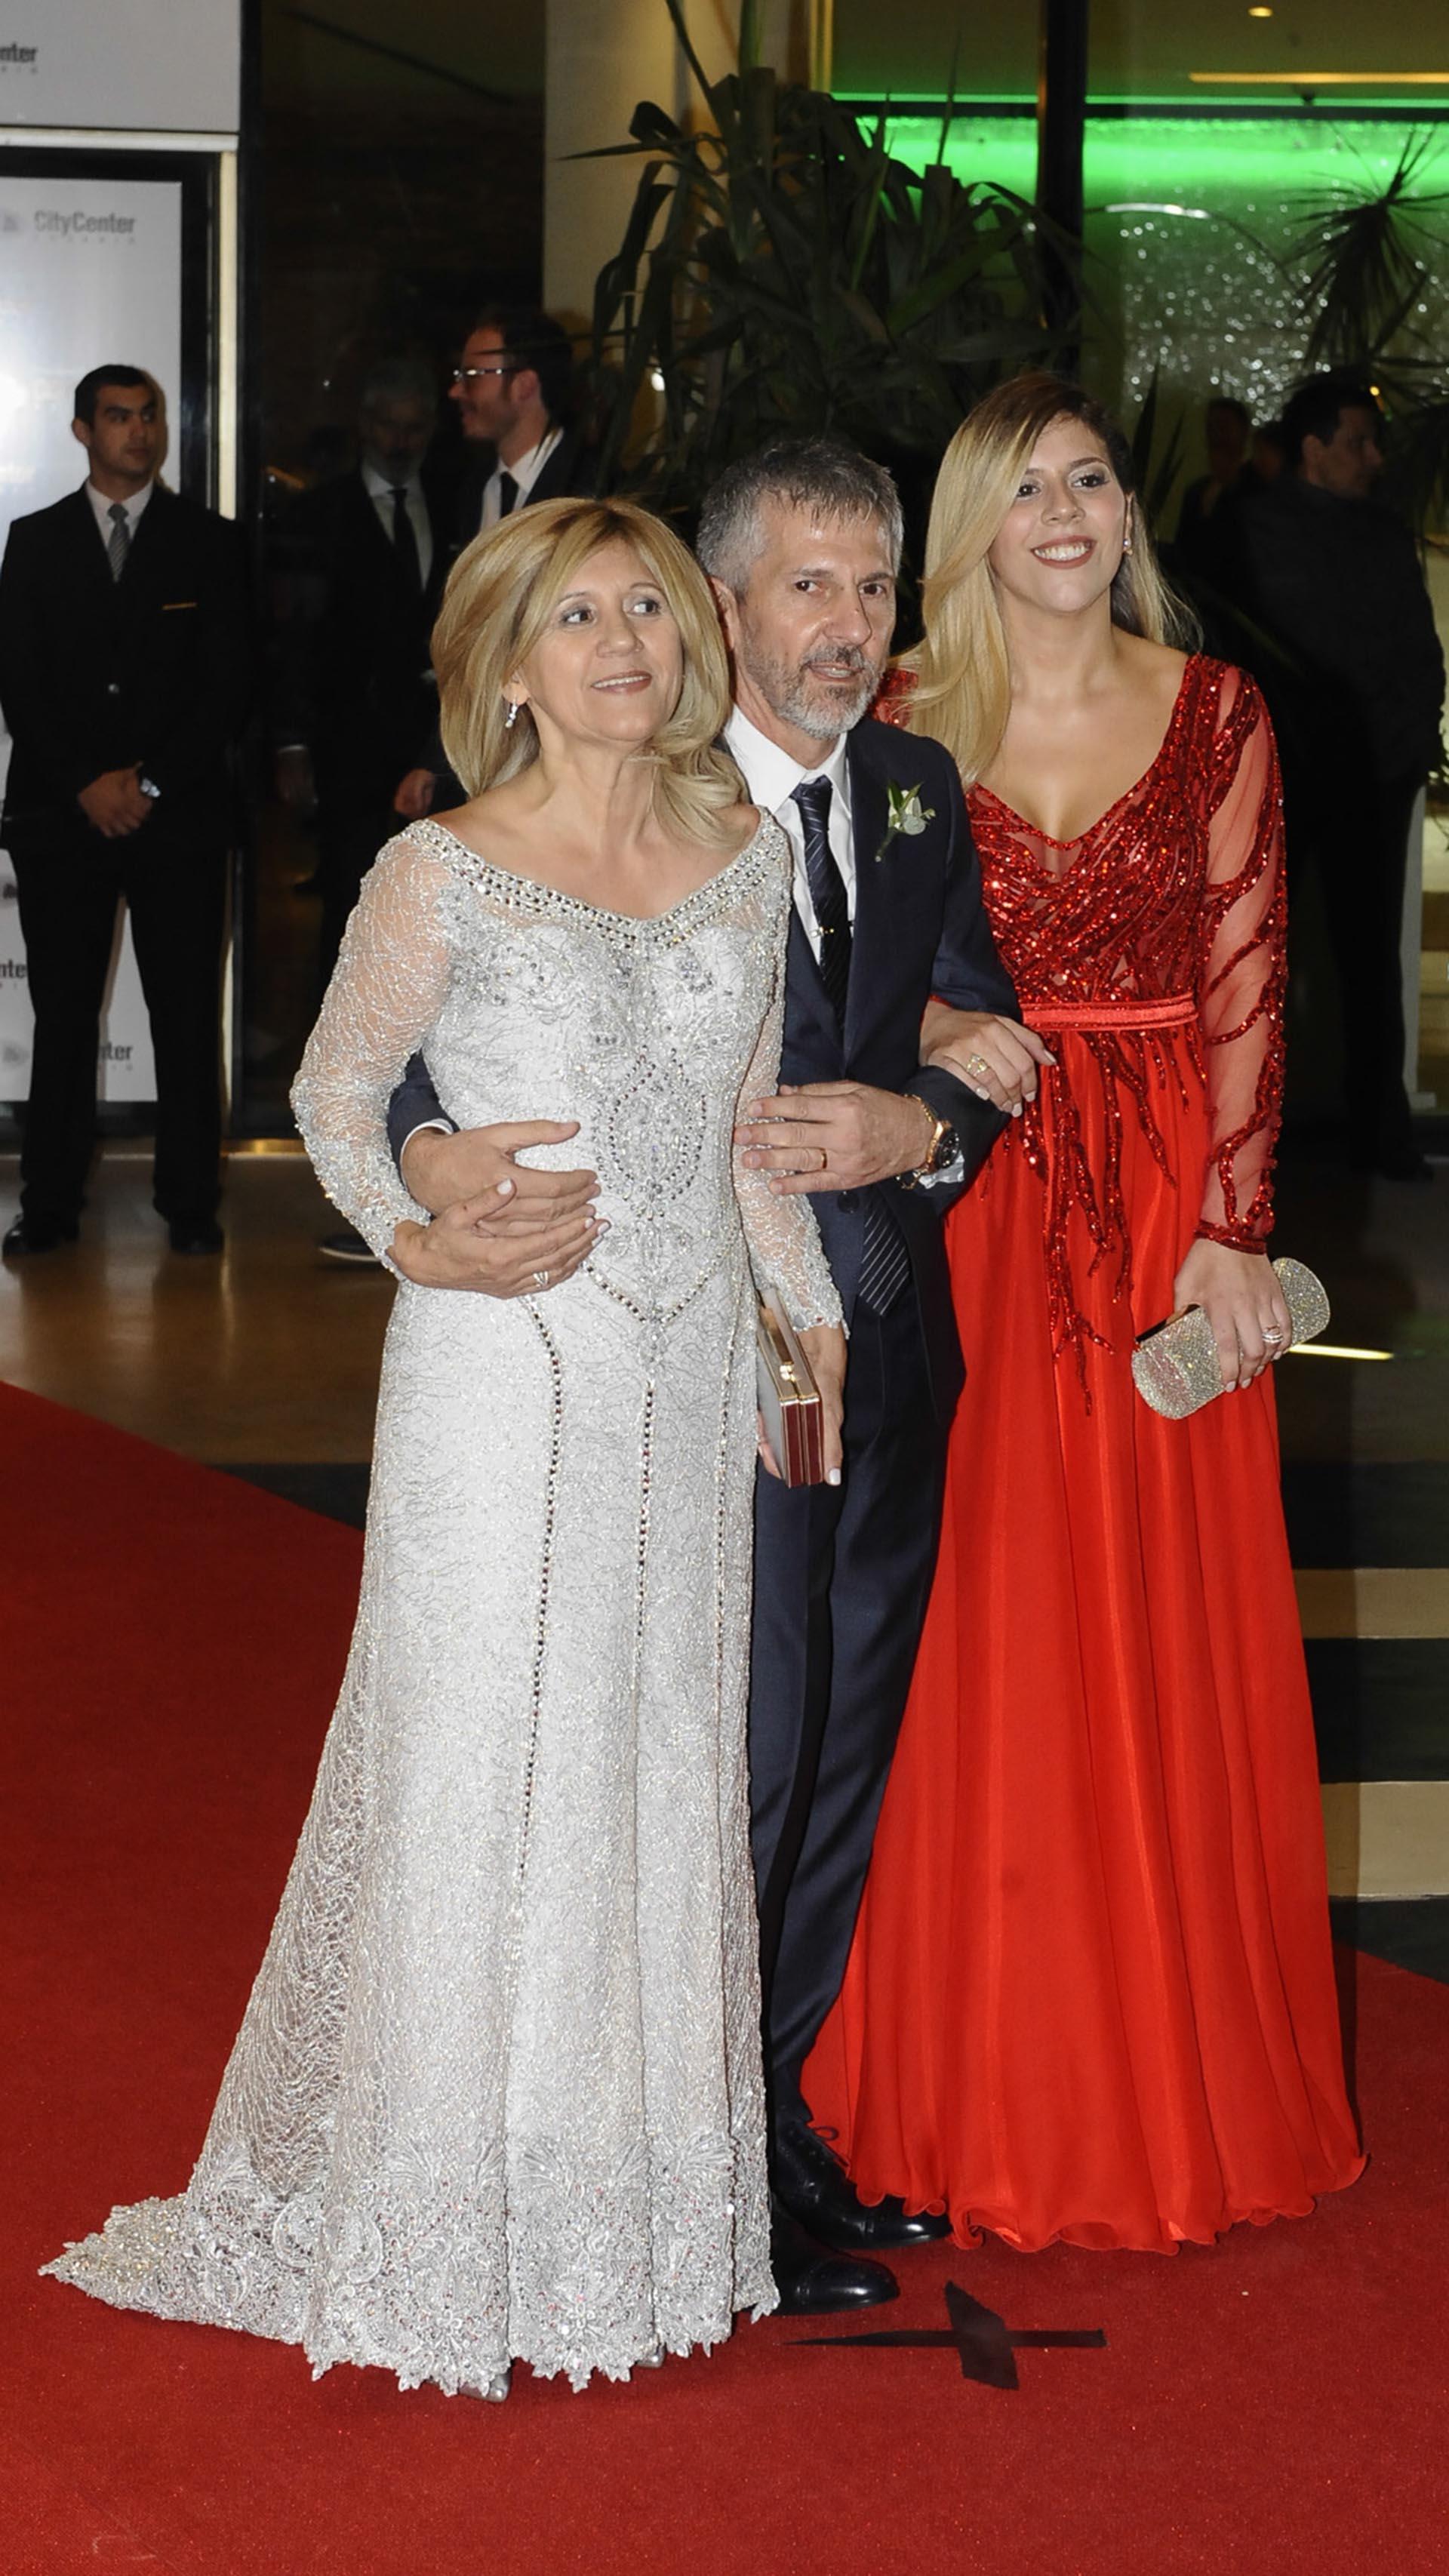 Los padres y la hermana menos de Lionel Messi: Celia María Cuccittini, Jorge Messi y María Sol Messi